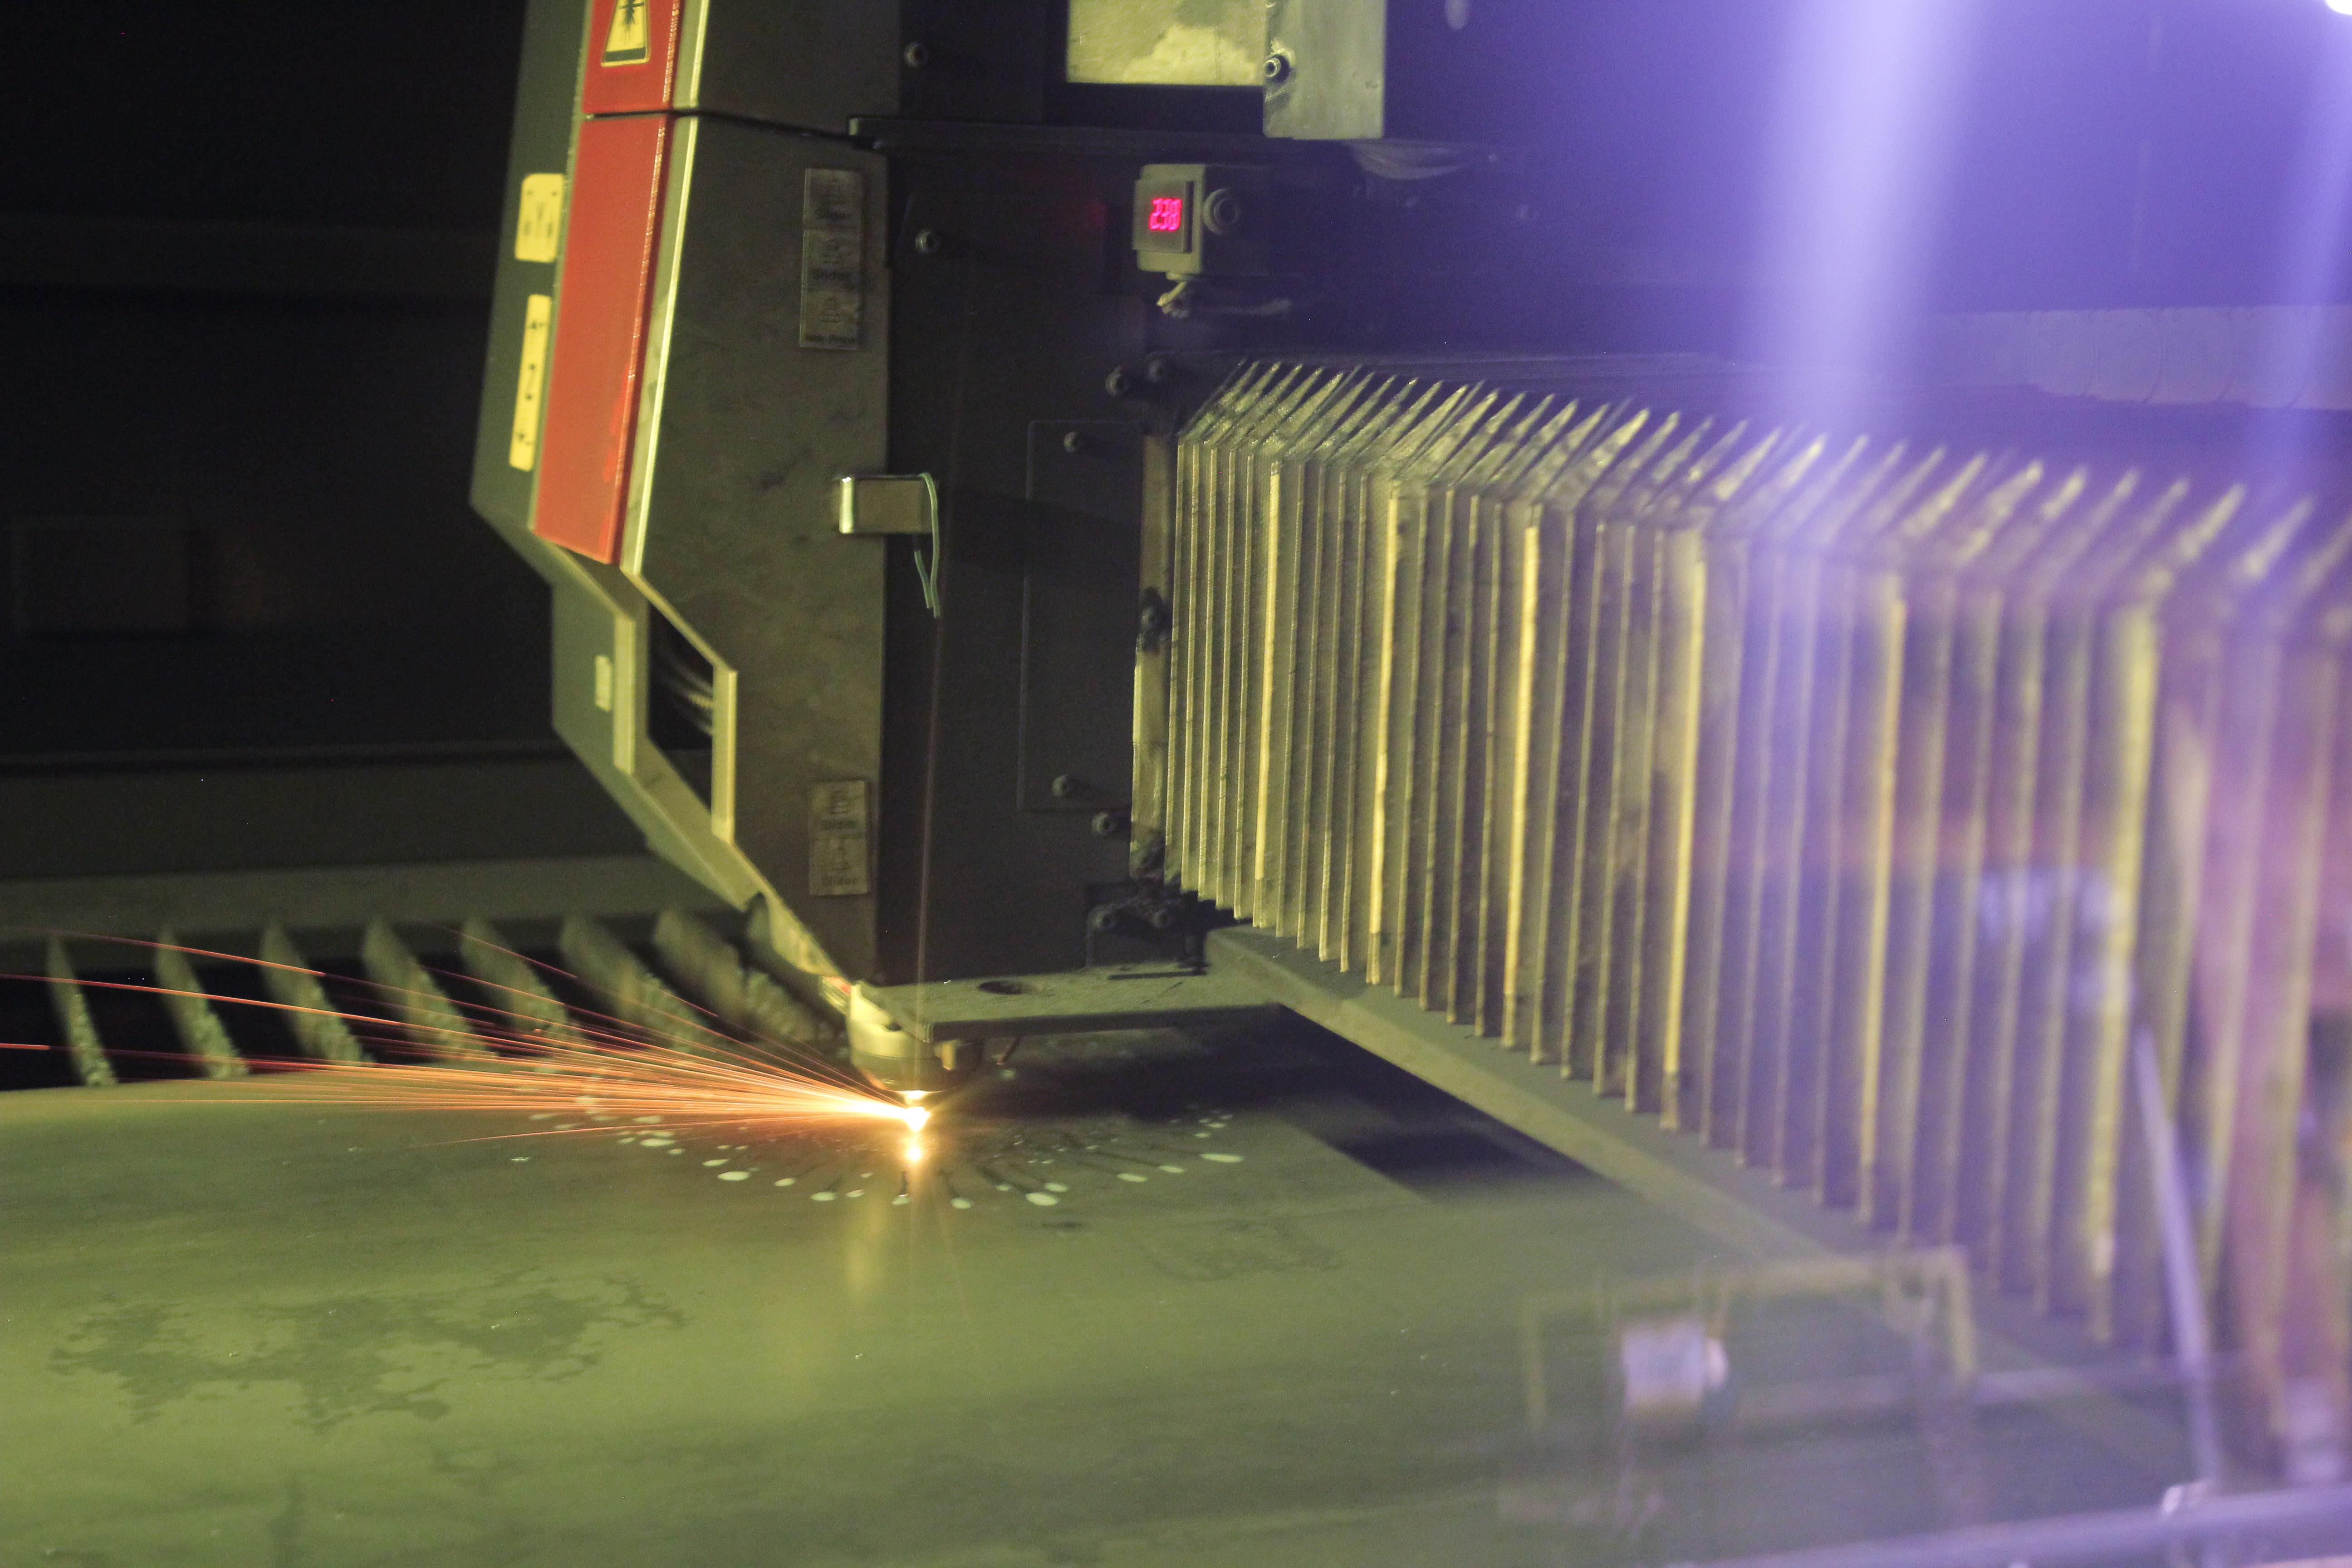 Amada Ensis 4020 Aj Fiber Laser Cutting System Metelec